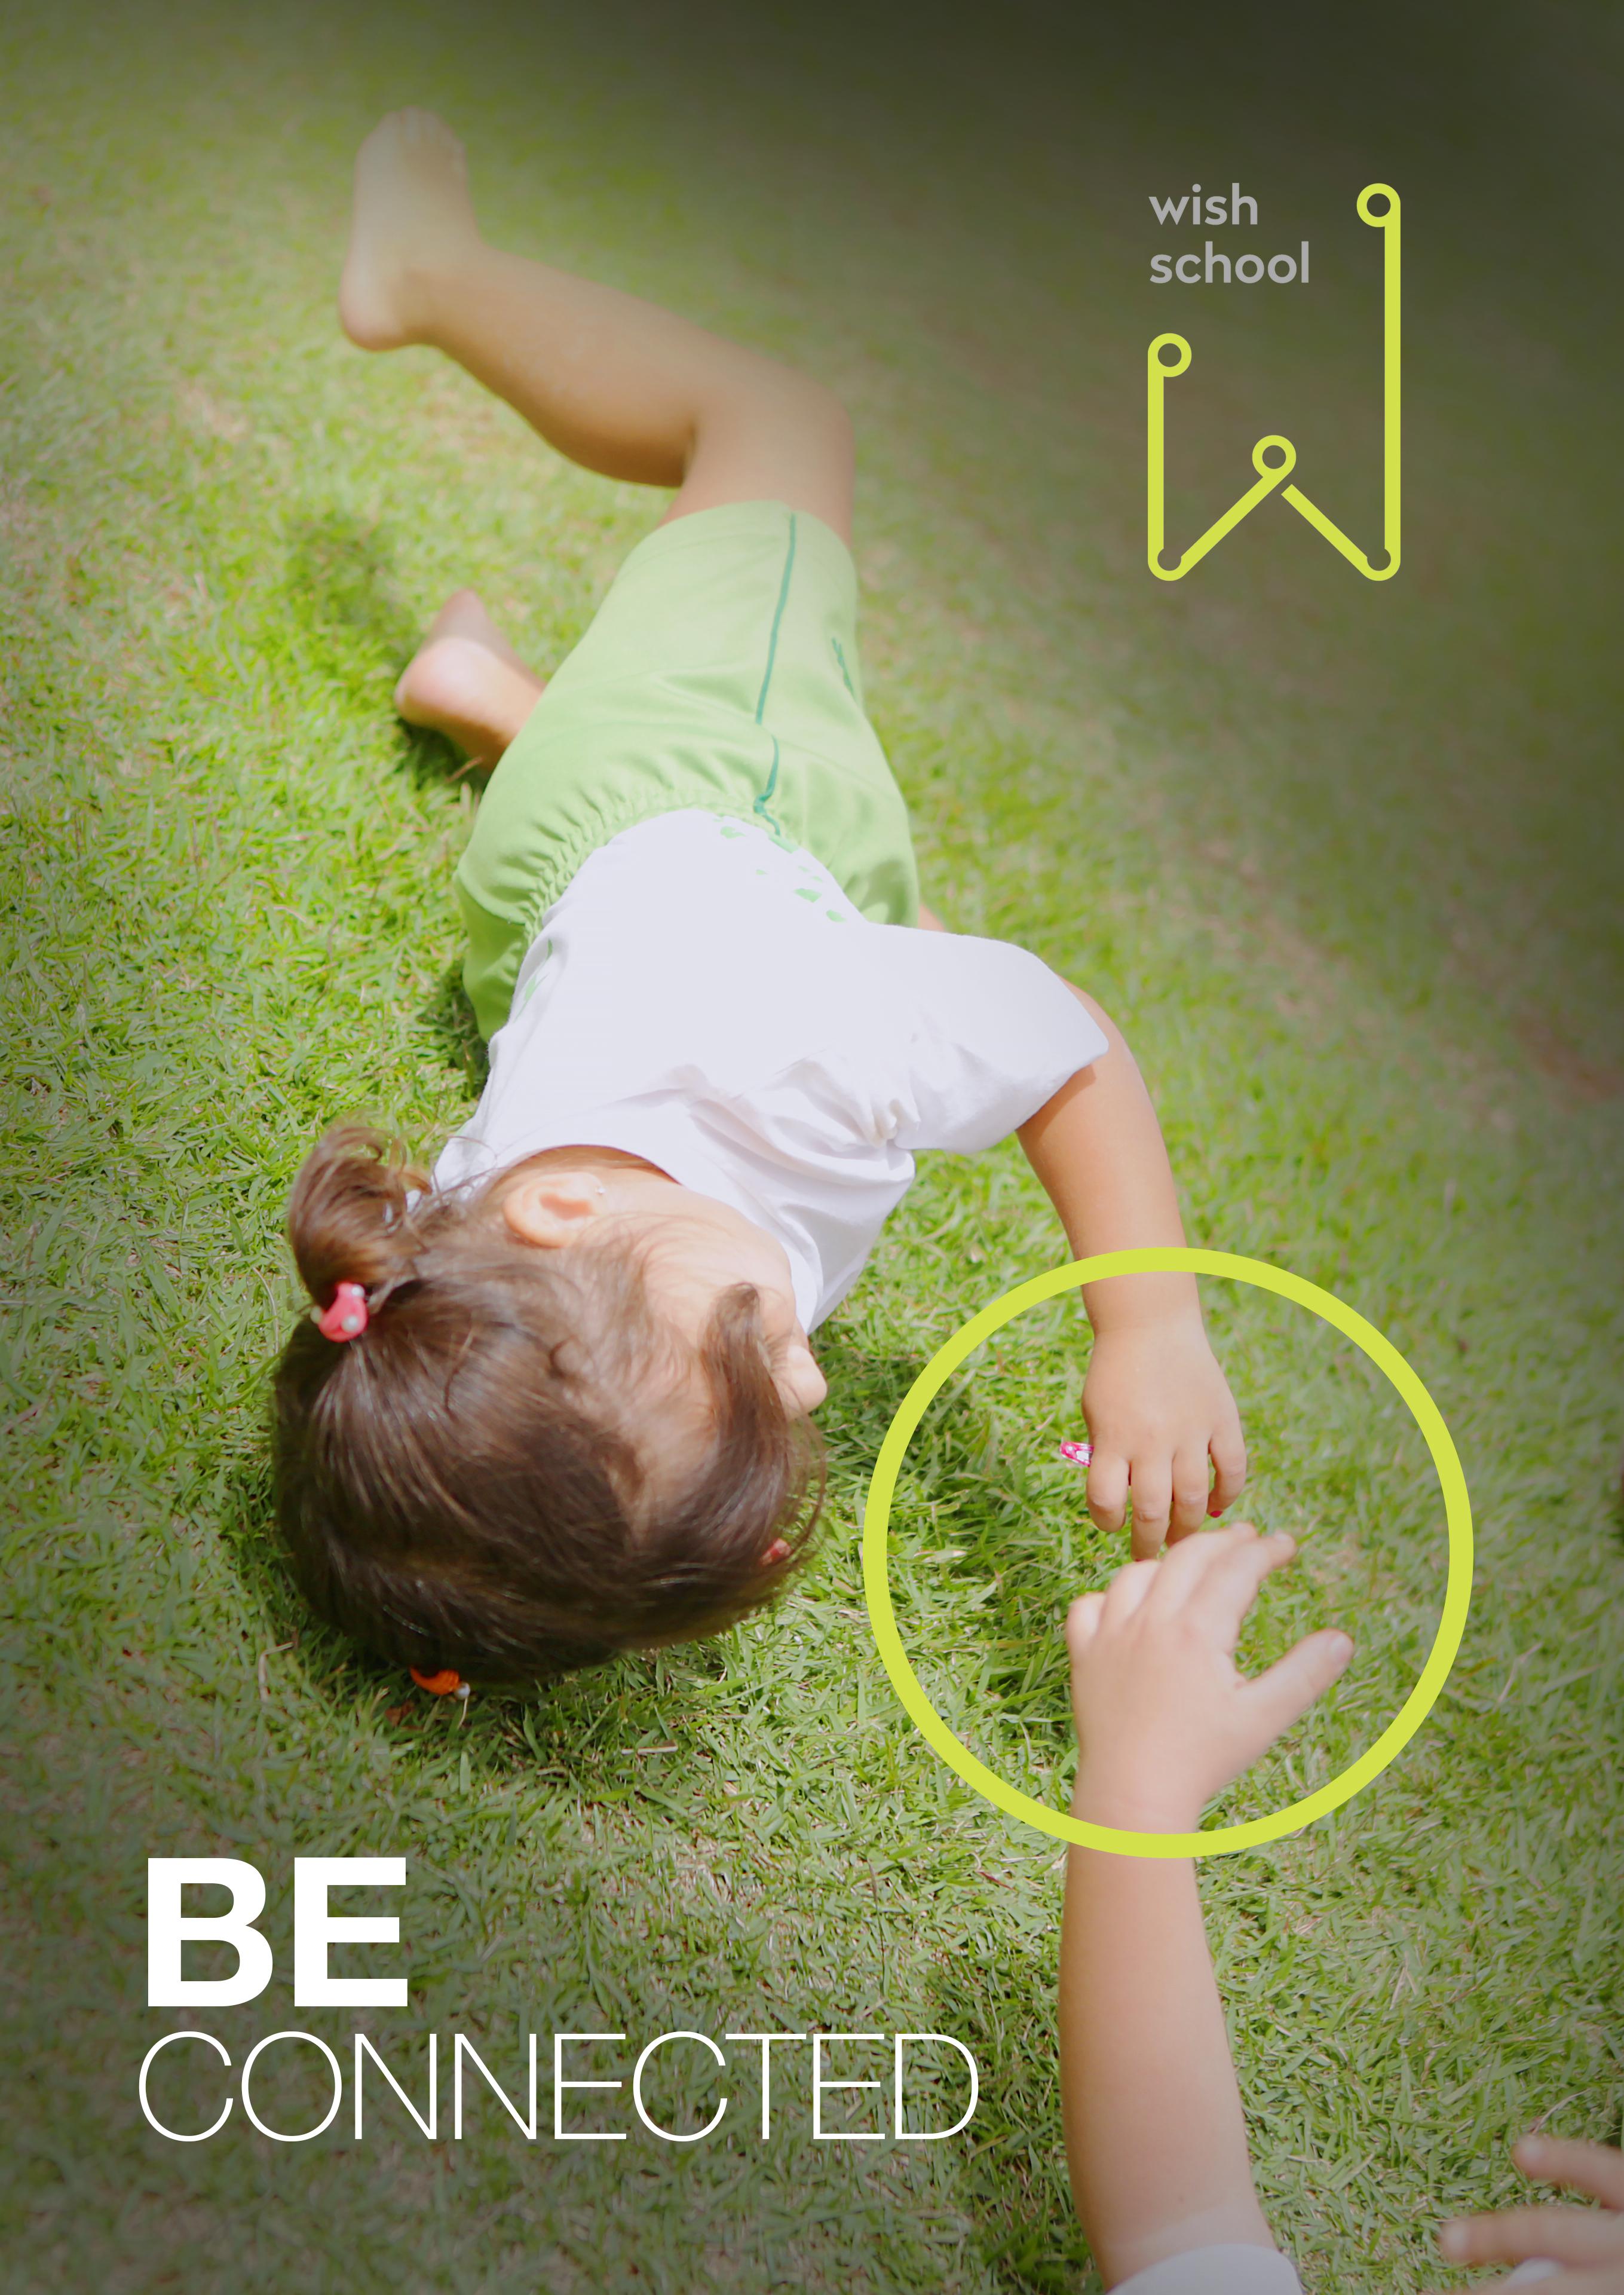 wish_school-educação_holistica-be_connected